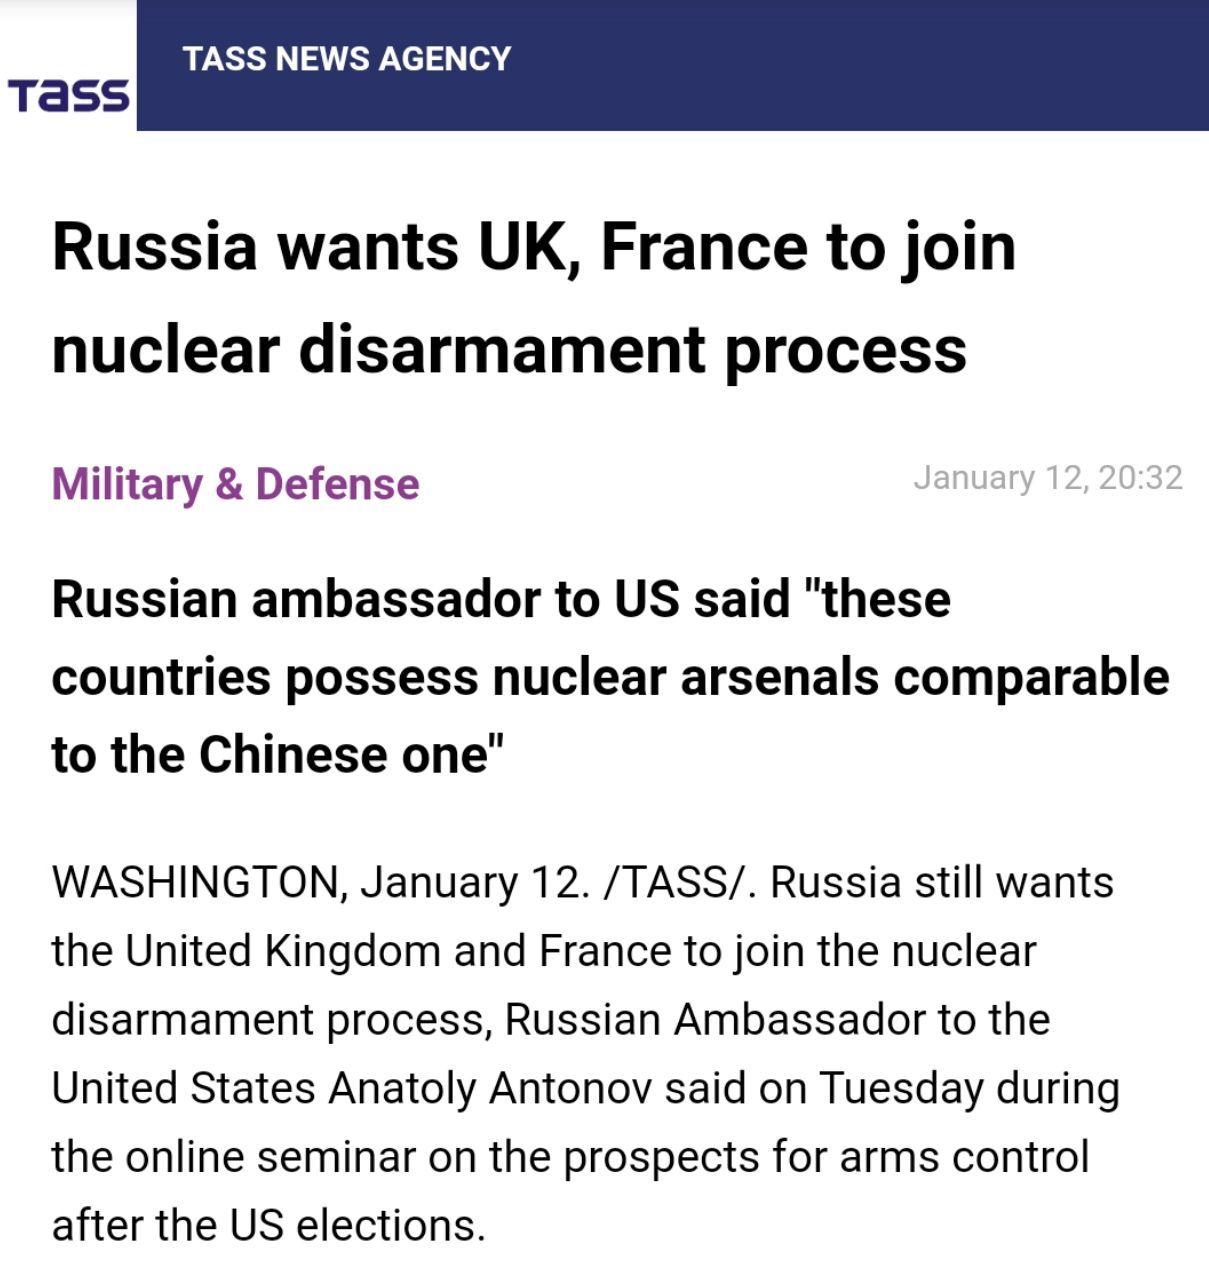 تحقیر تاریخی پمپئو توسط اروپا/ تصویب طرح برکناری ترامپ از سوی مجلس نمایندگان آمریکا/ درخواست روسیه از فرانسه و انگلیس برای الحاق به روند خلع سلاح هسته ای/ اعزام ناو هواپیمابر فرانسه به مدیترانه شرقی